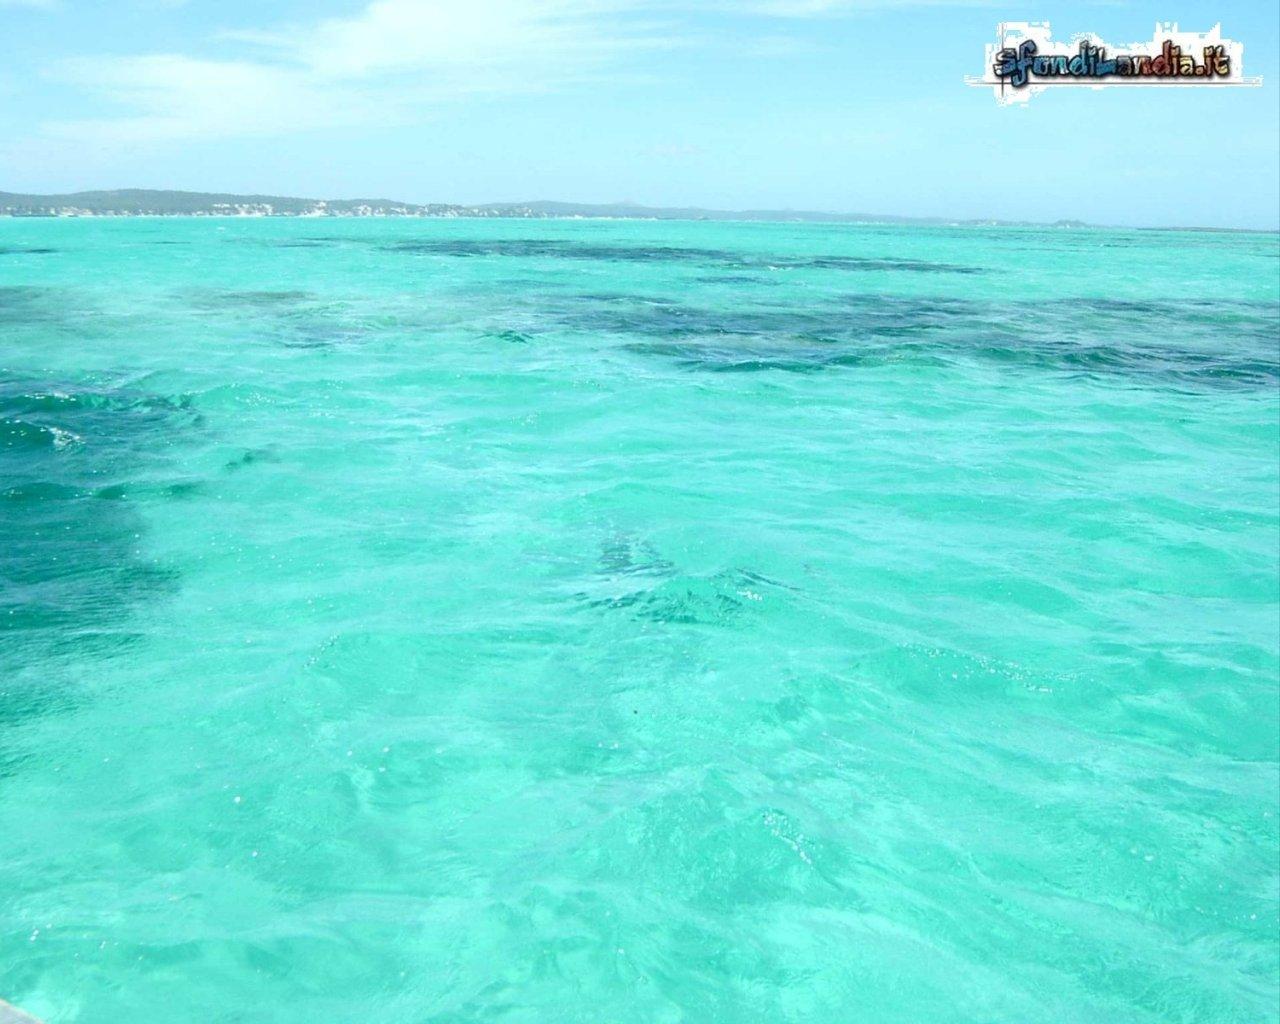 Sfondo gratis di mare smeraldo per for Foto per desktop gratis mare